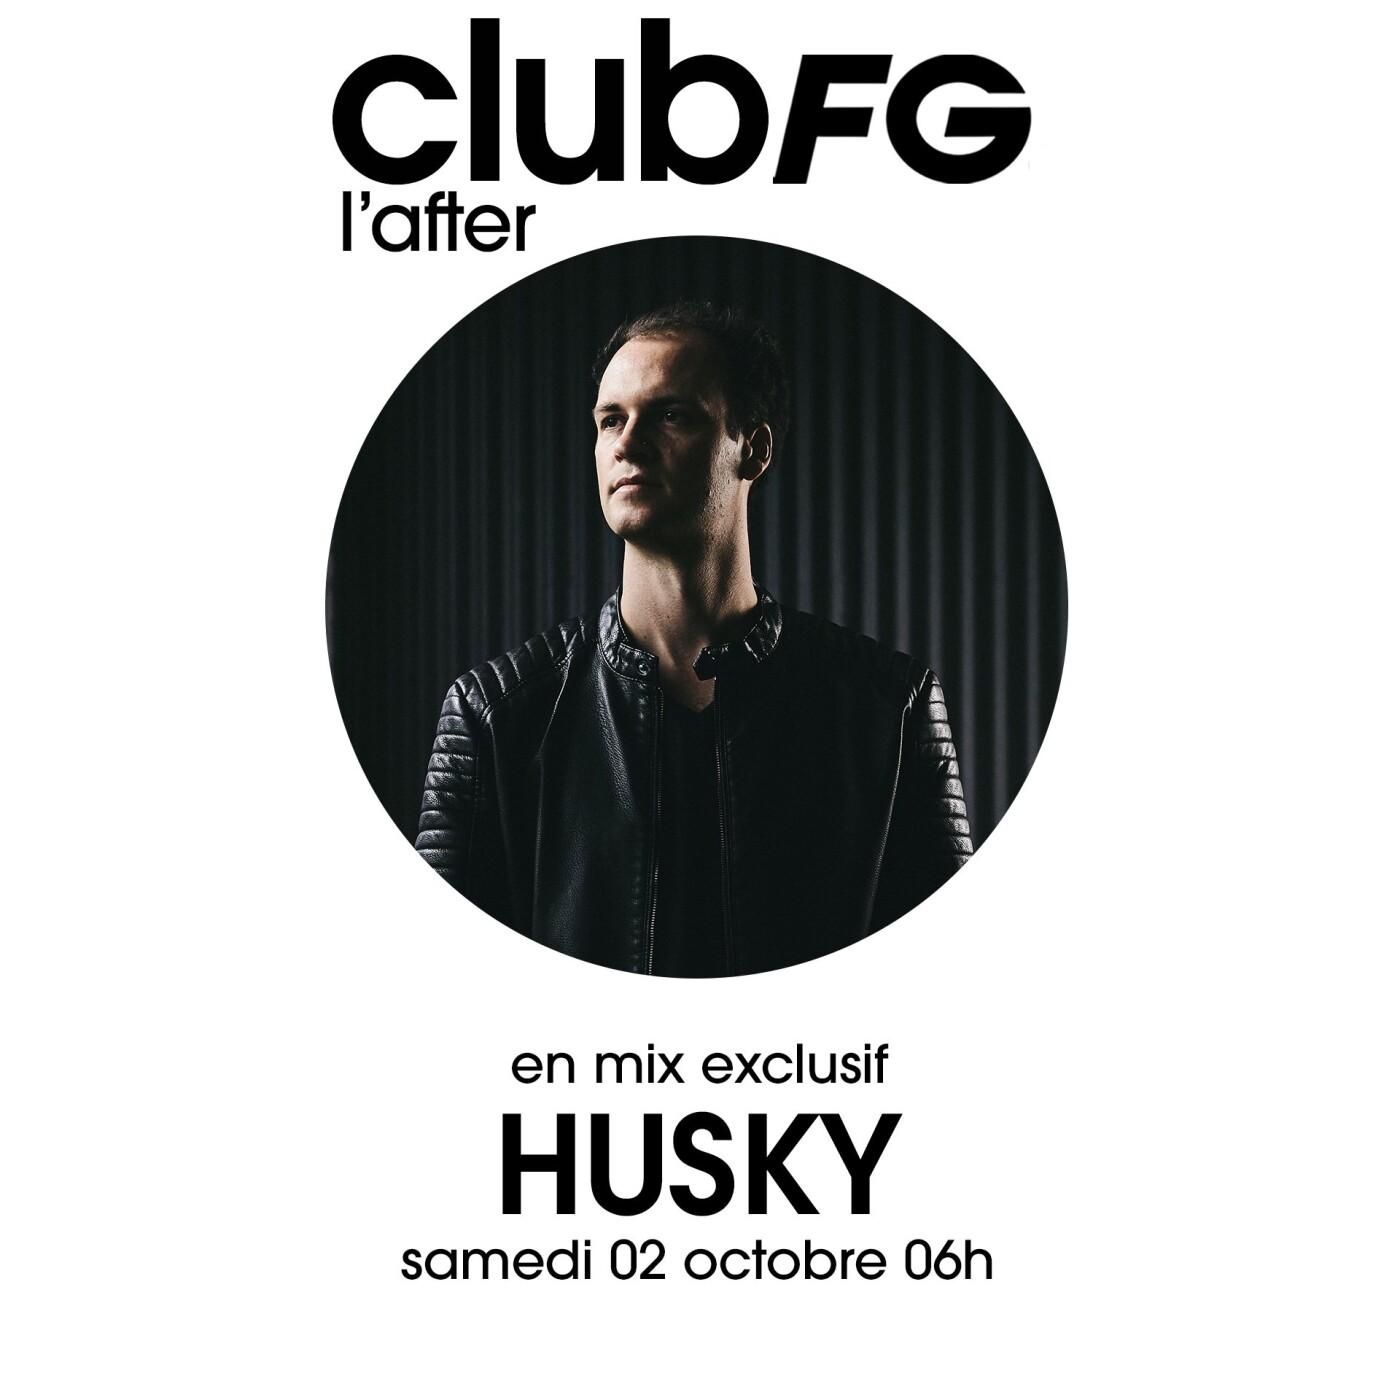 CLUB FG : HUSKY